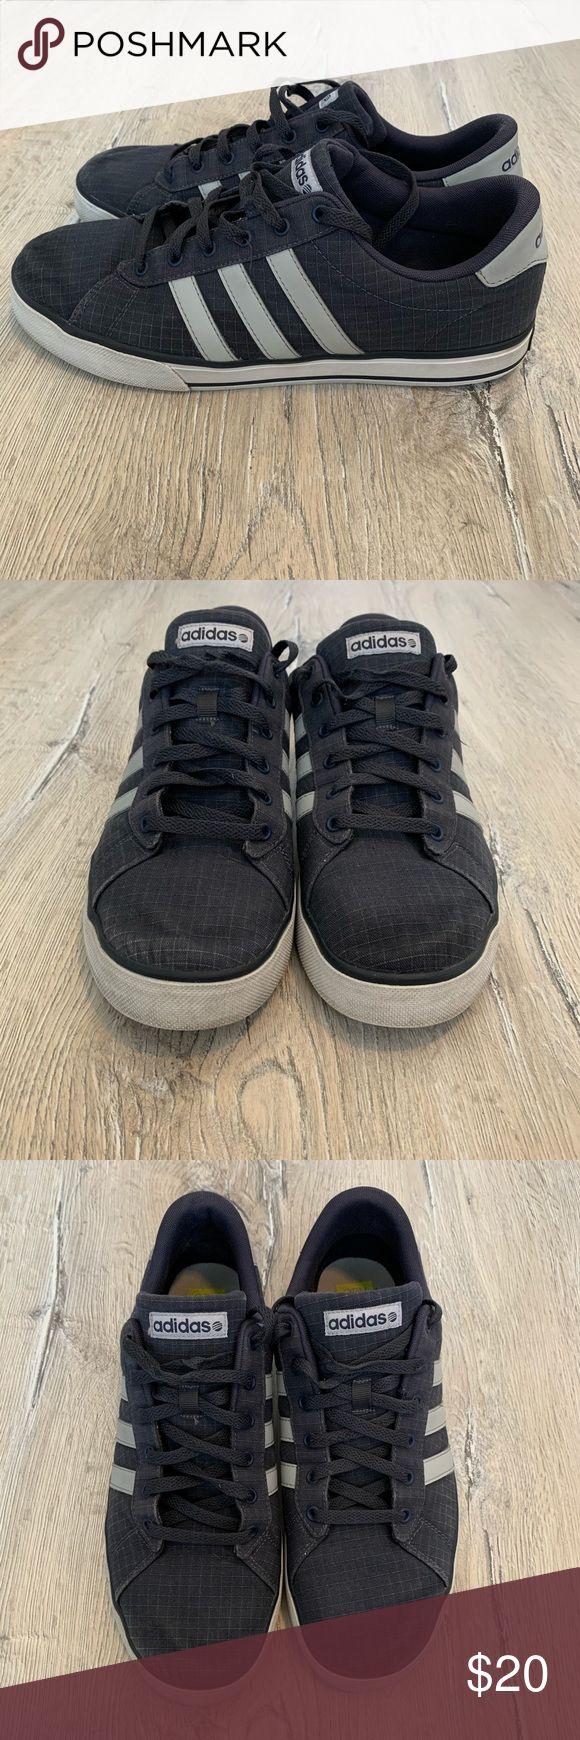 Adidas NEO Ortholite | Adidas neo ortholite, Adidas neo, Adidas